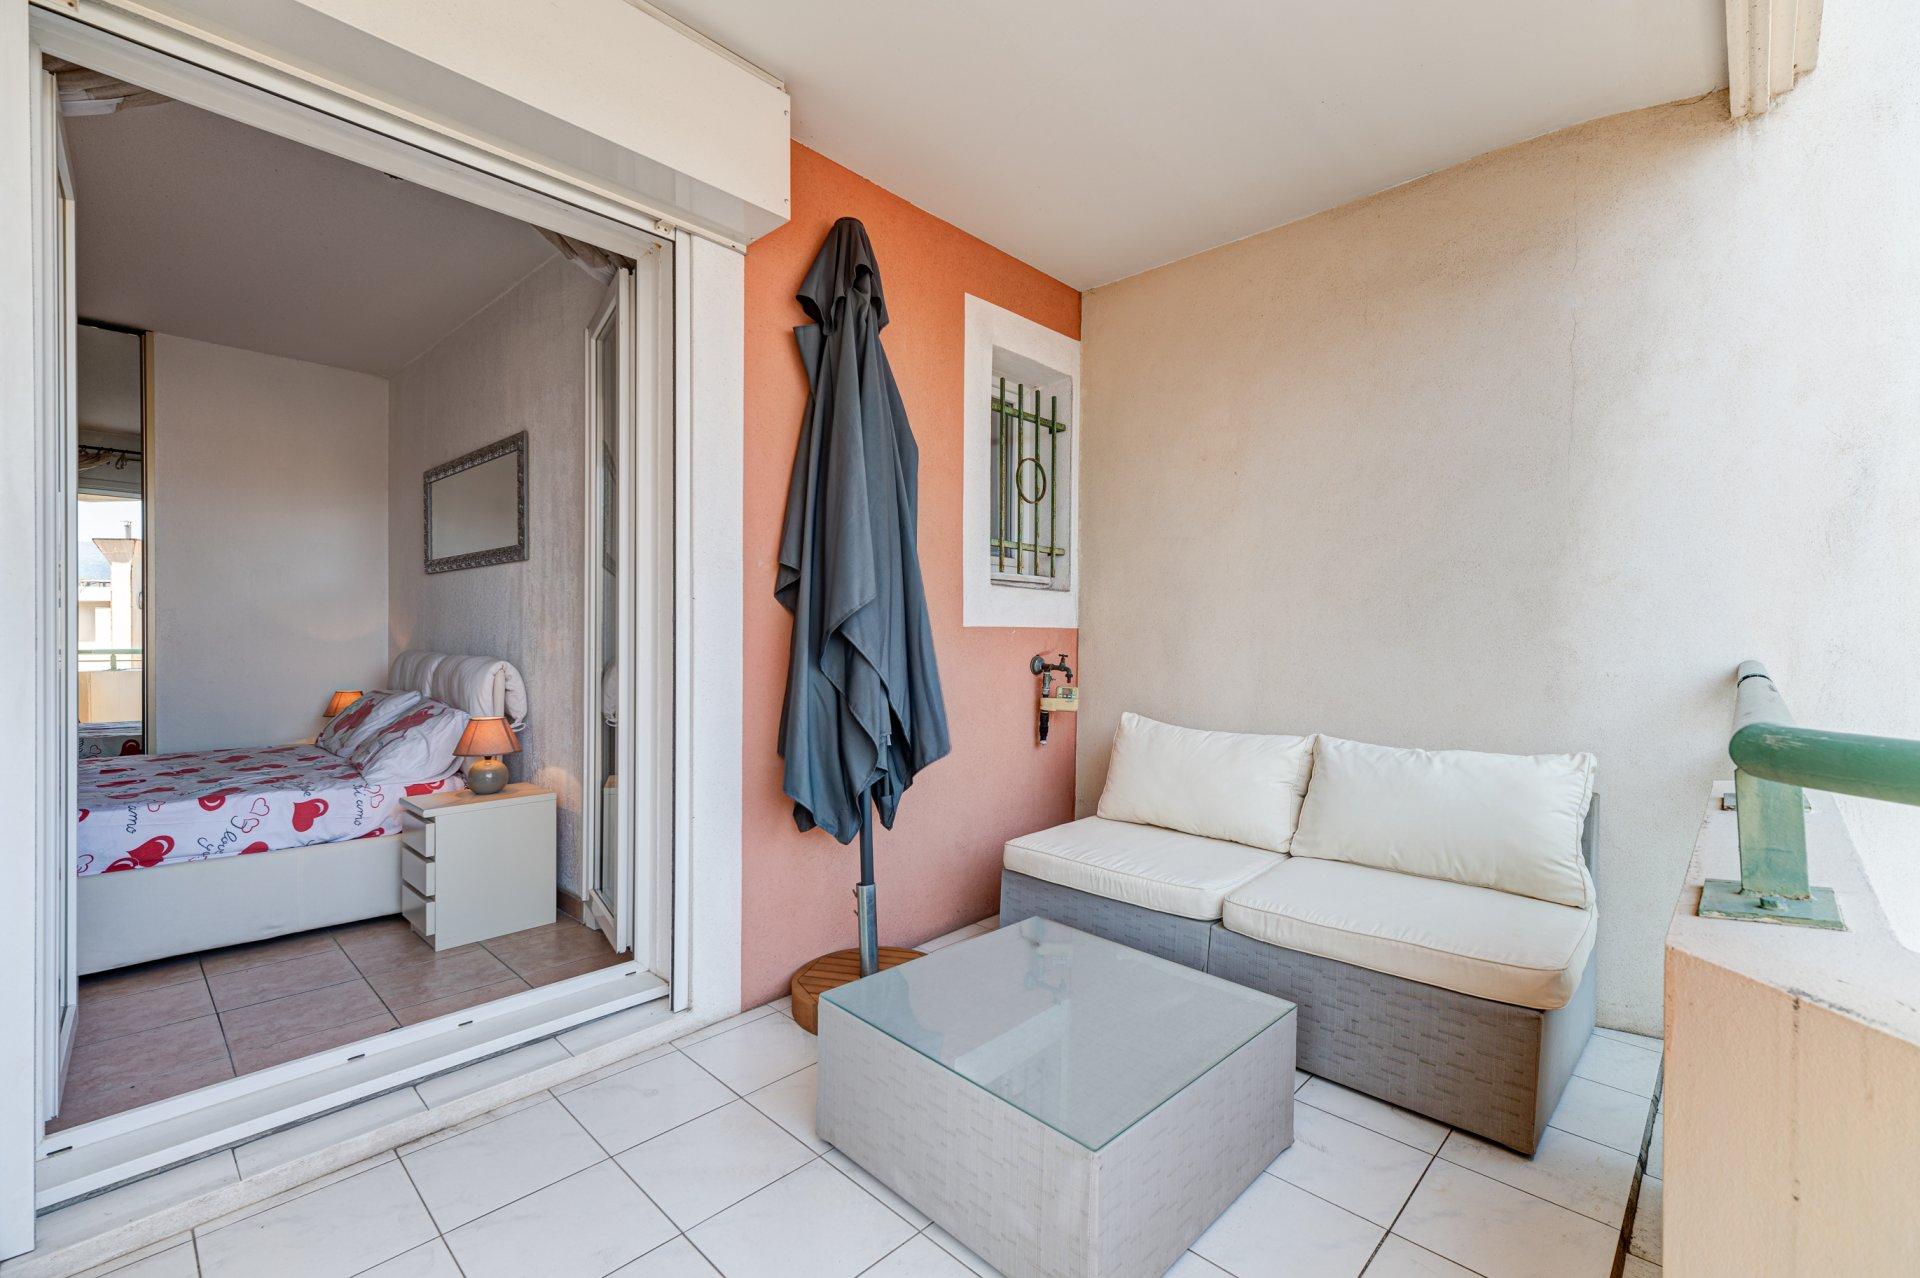 RUE DE FRANCE, 2 pièces avec terrasse et garage